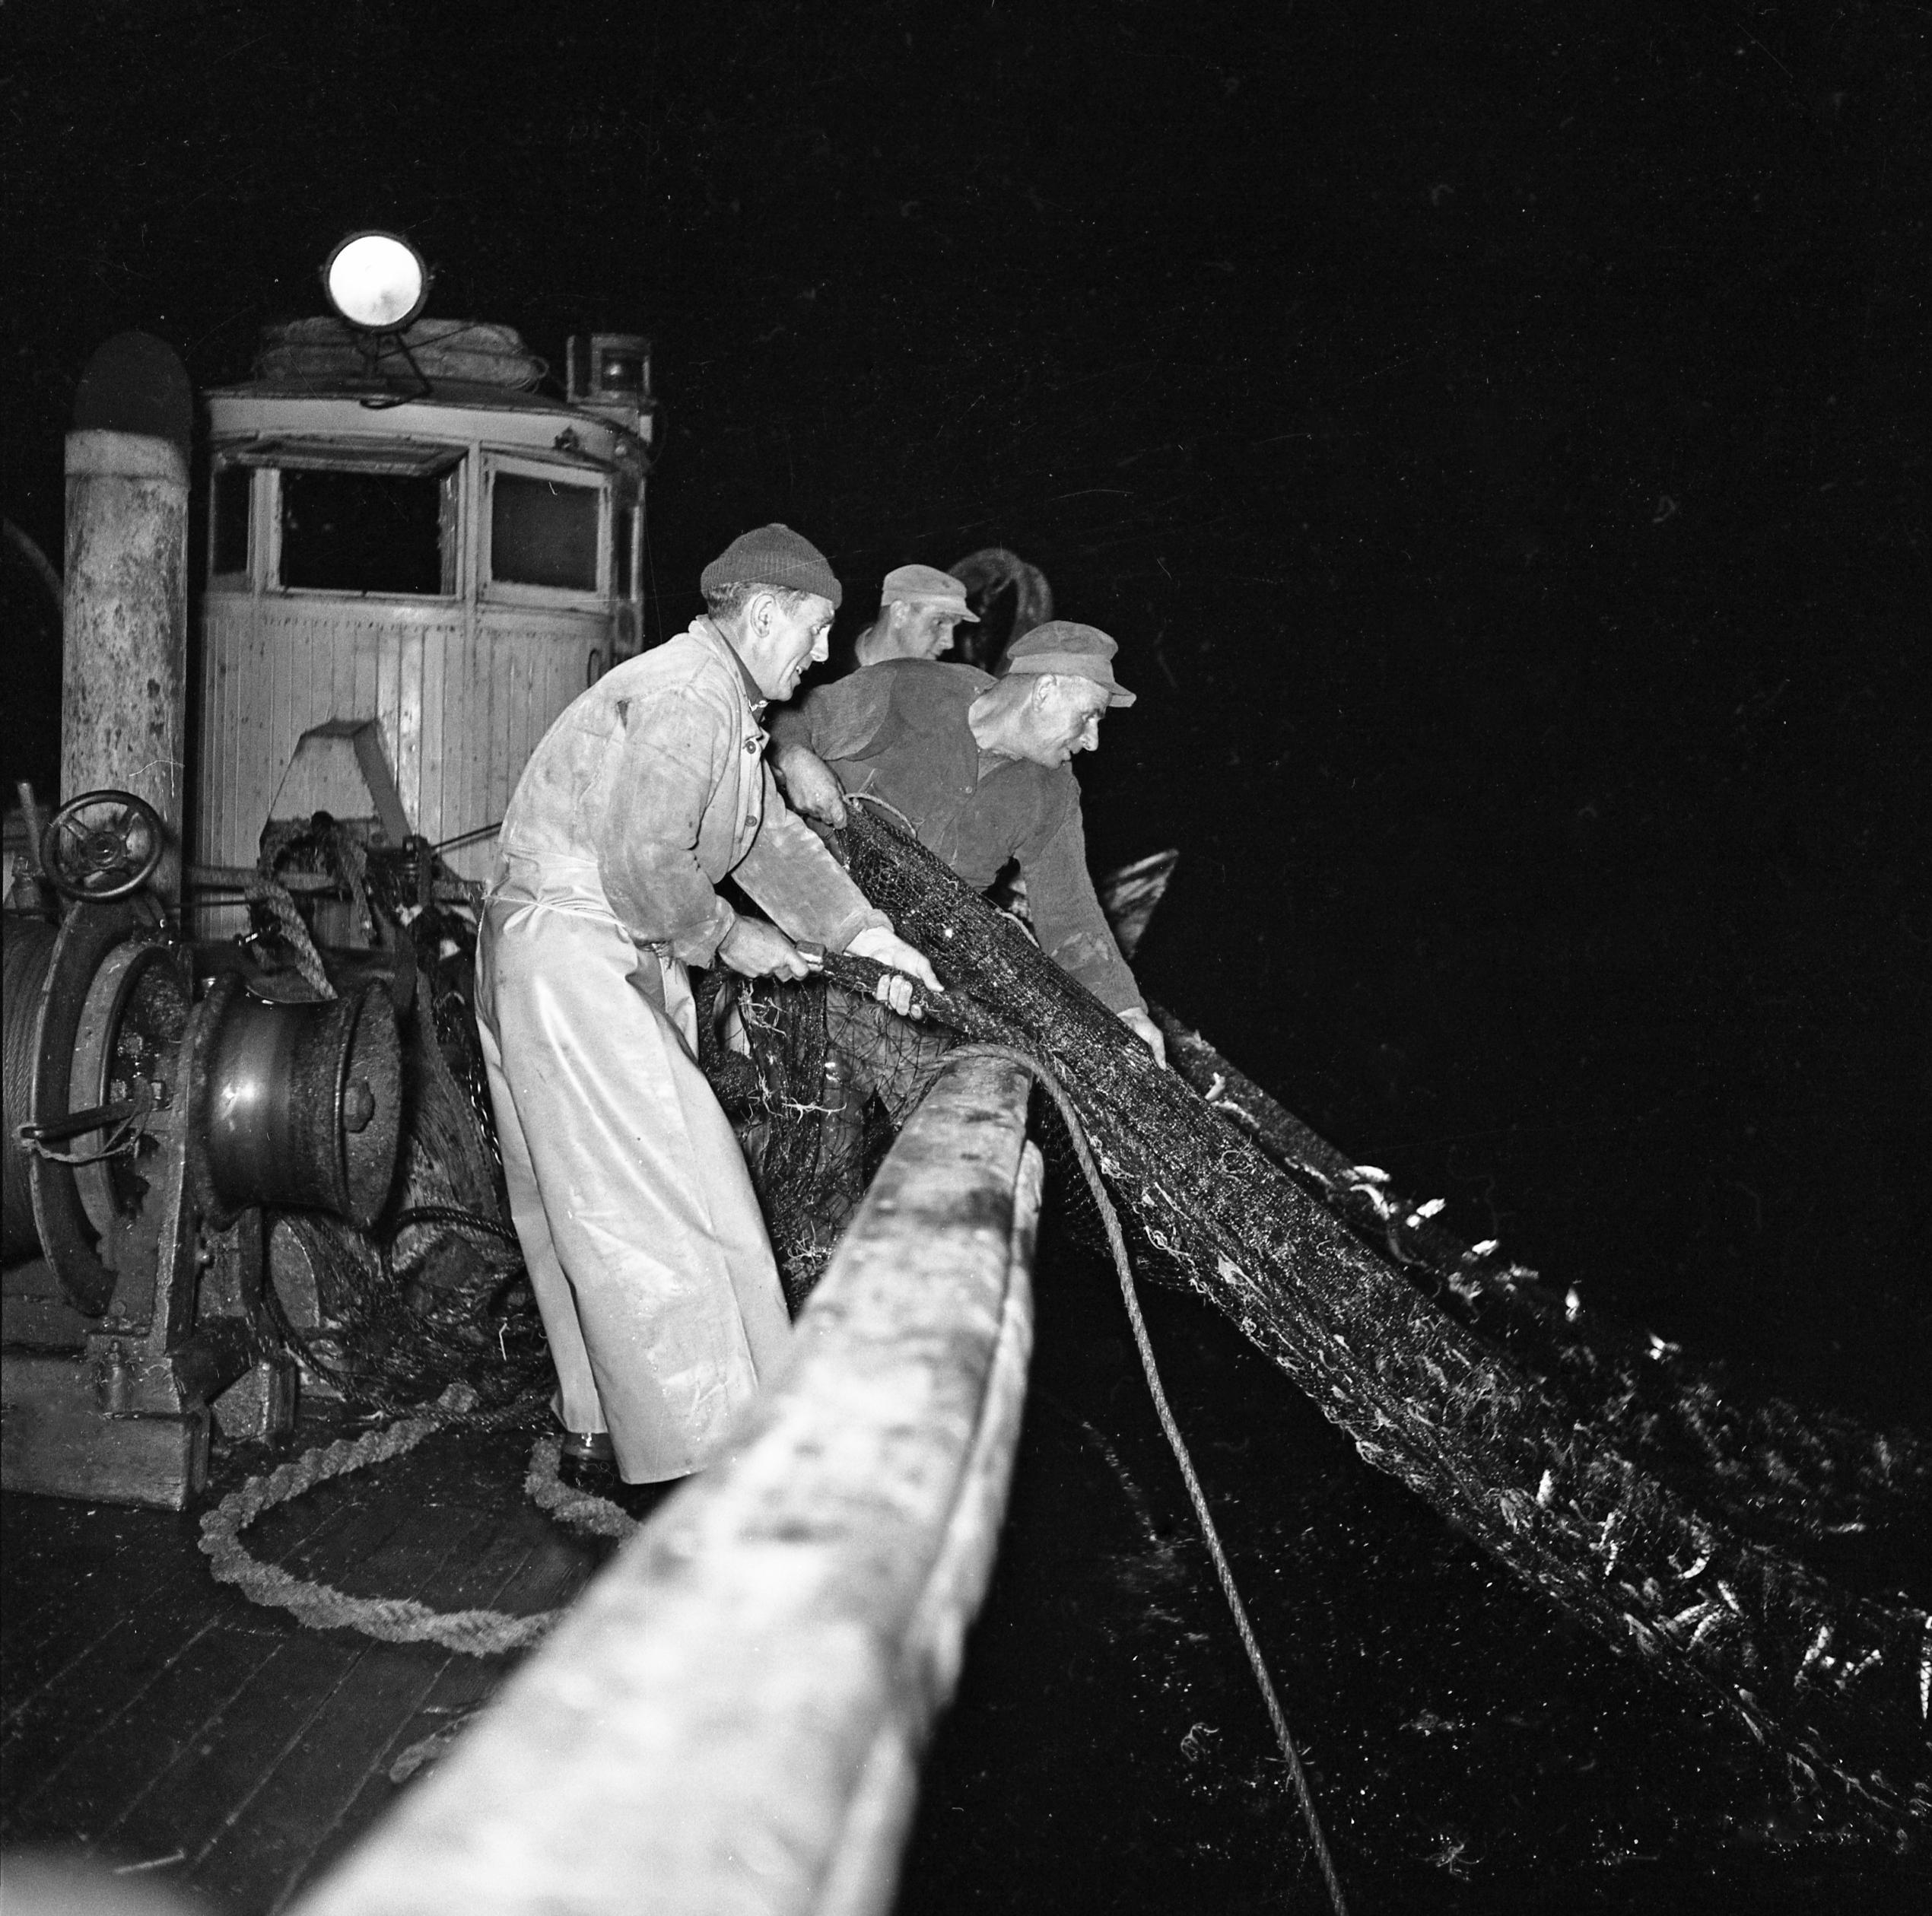 27 Fi 3035 - Remontée des filets par l'équipe de pêcheurs. Chacun s'active avec entrain. 19/08/1954